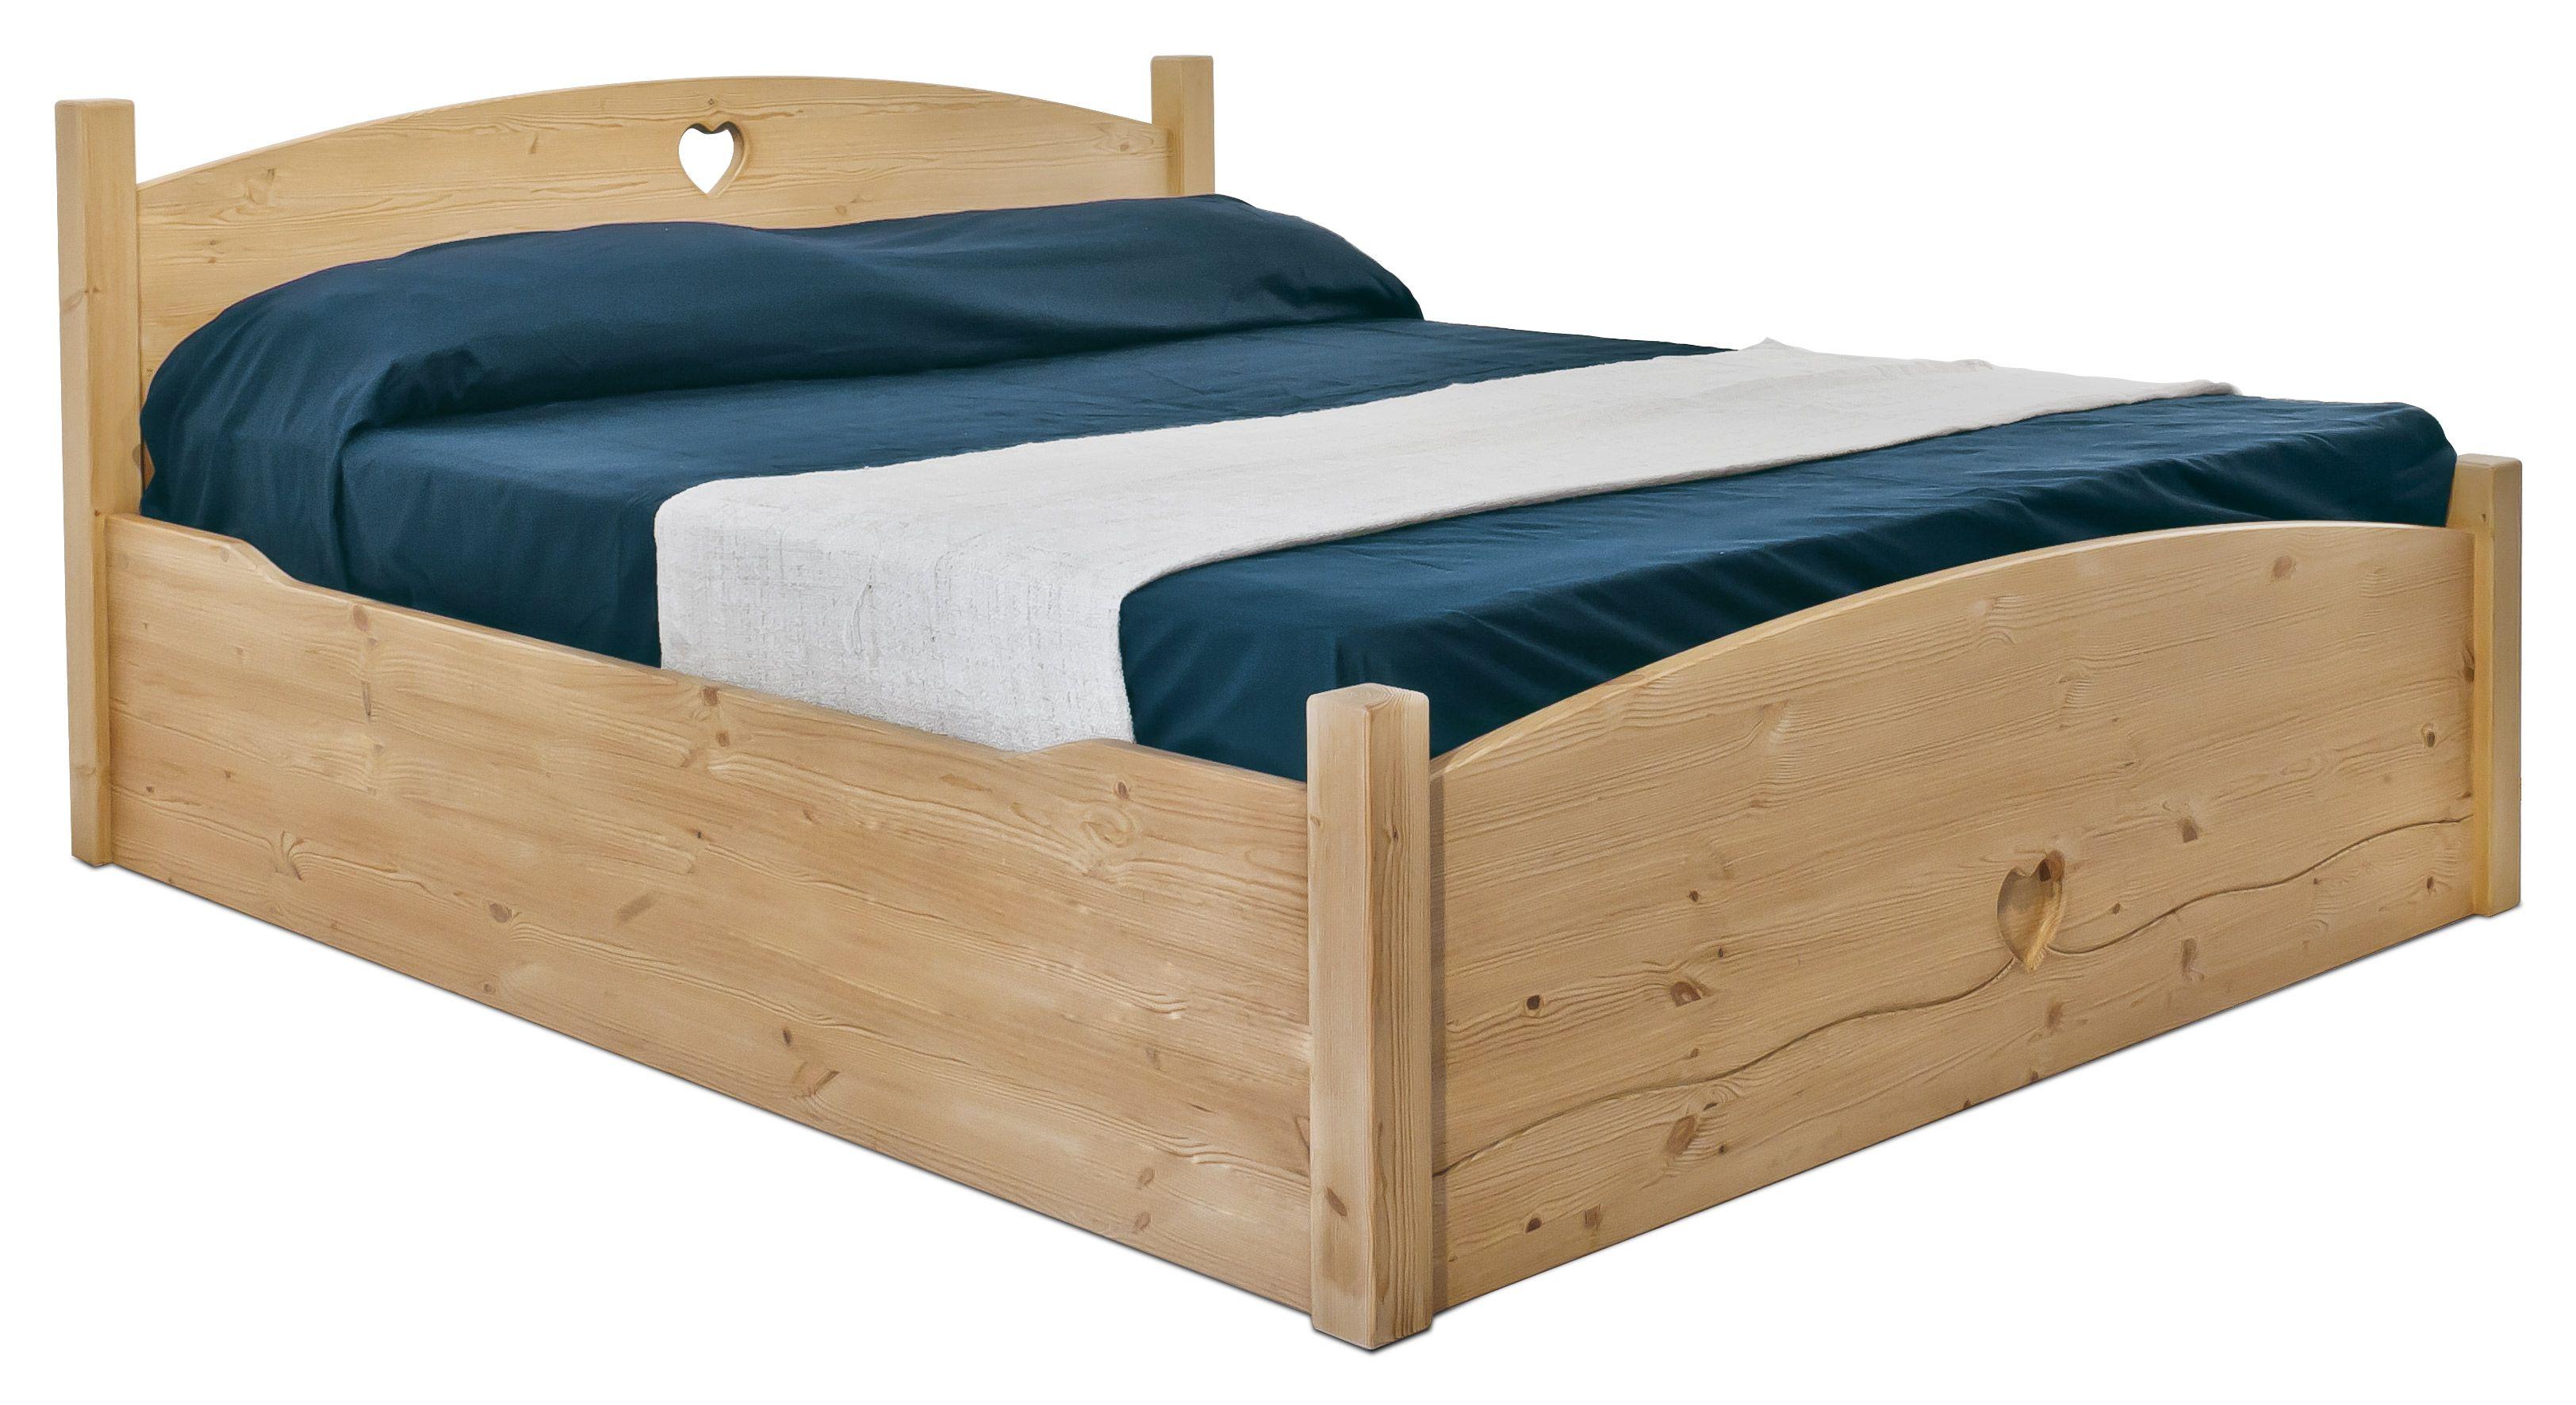 Letto rustico cuore in legno massello di pino di svezia proposto come letto contenitore www - Mobili in pino di svezia ...